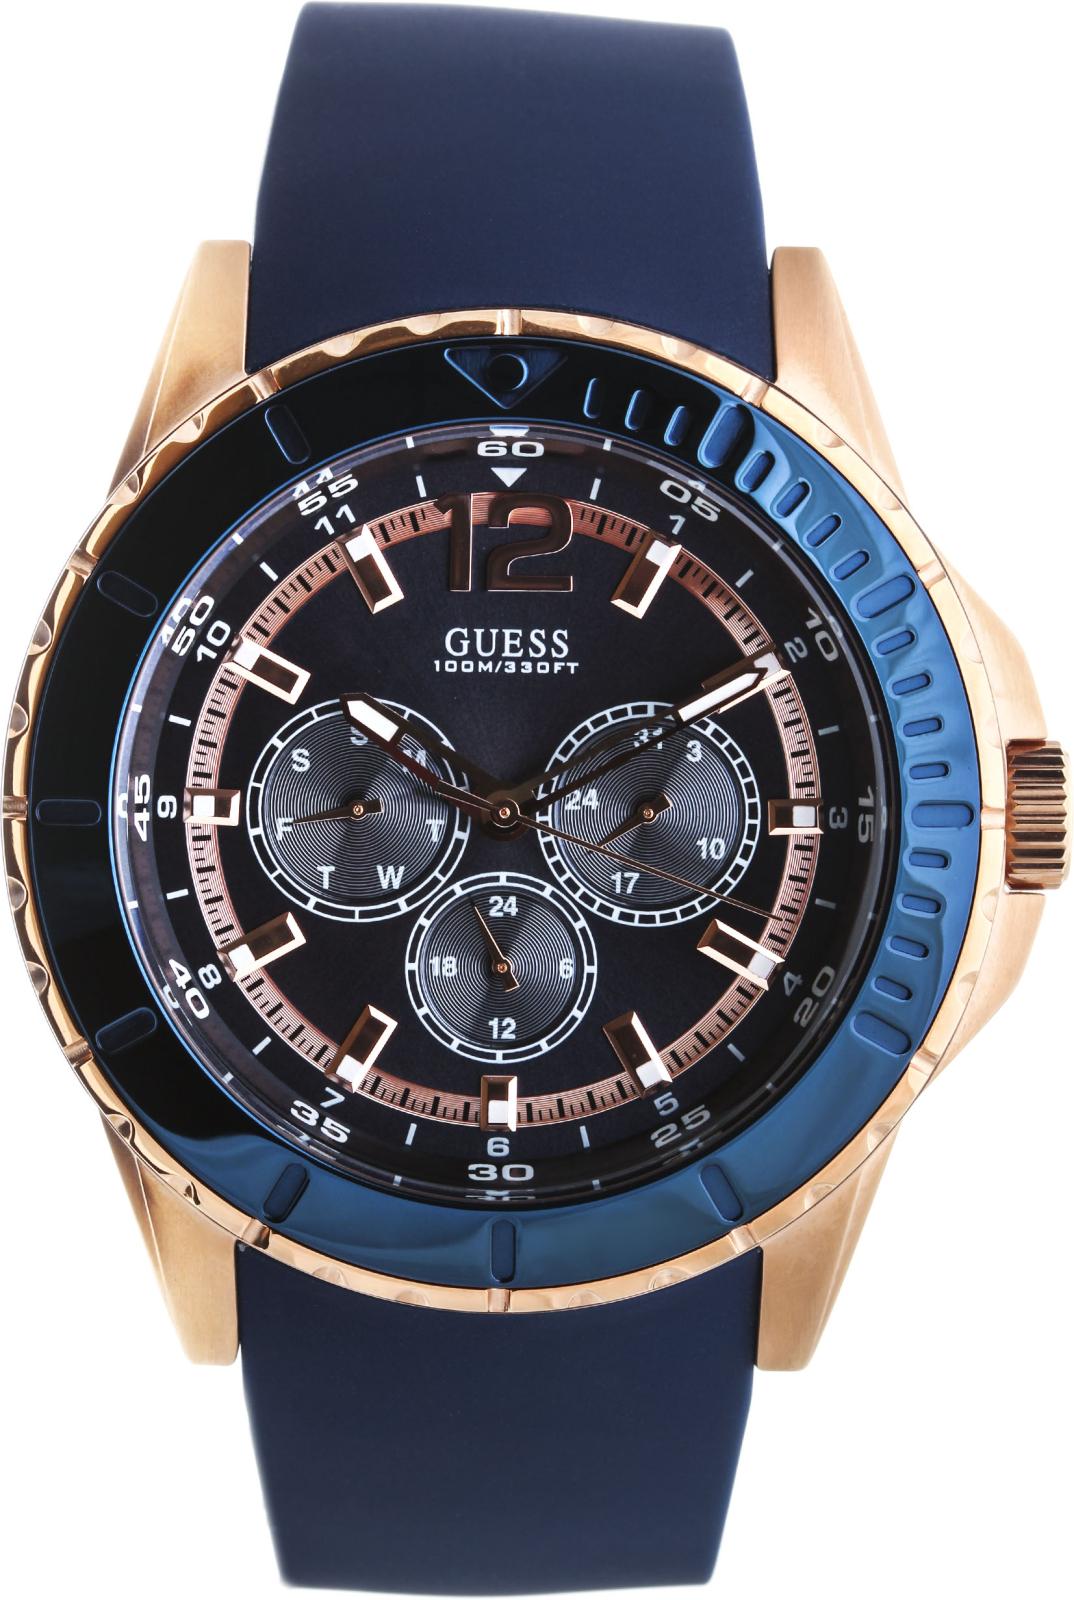 Guess Maverick W0485G1Наручные часы<br>Американские часы Guess Maverick W0485G1<br><br>Пол: Мужские<br>Страна-производитель: США<br>Механизм: Кварцевый<br>Материал корпуса: Сталь<br>Материал ремня/браслета: Каучук<br>Водозащита, диапазон: 100 - 150 м<br>Стекло: Минеральное<br>Толщина корпуса: 13.5 мм<br>Стиль: Классика